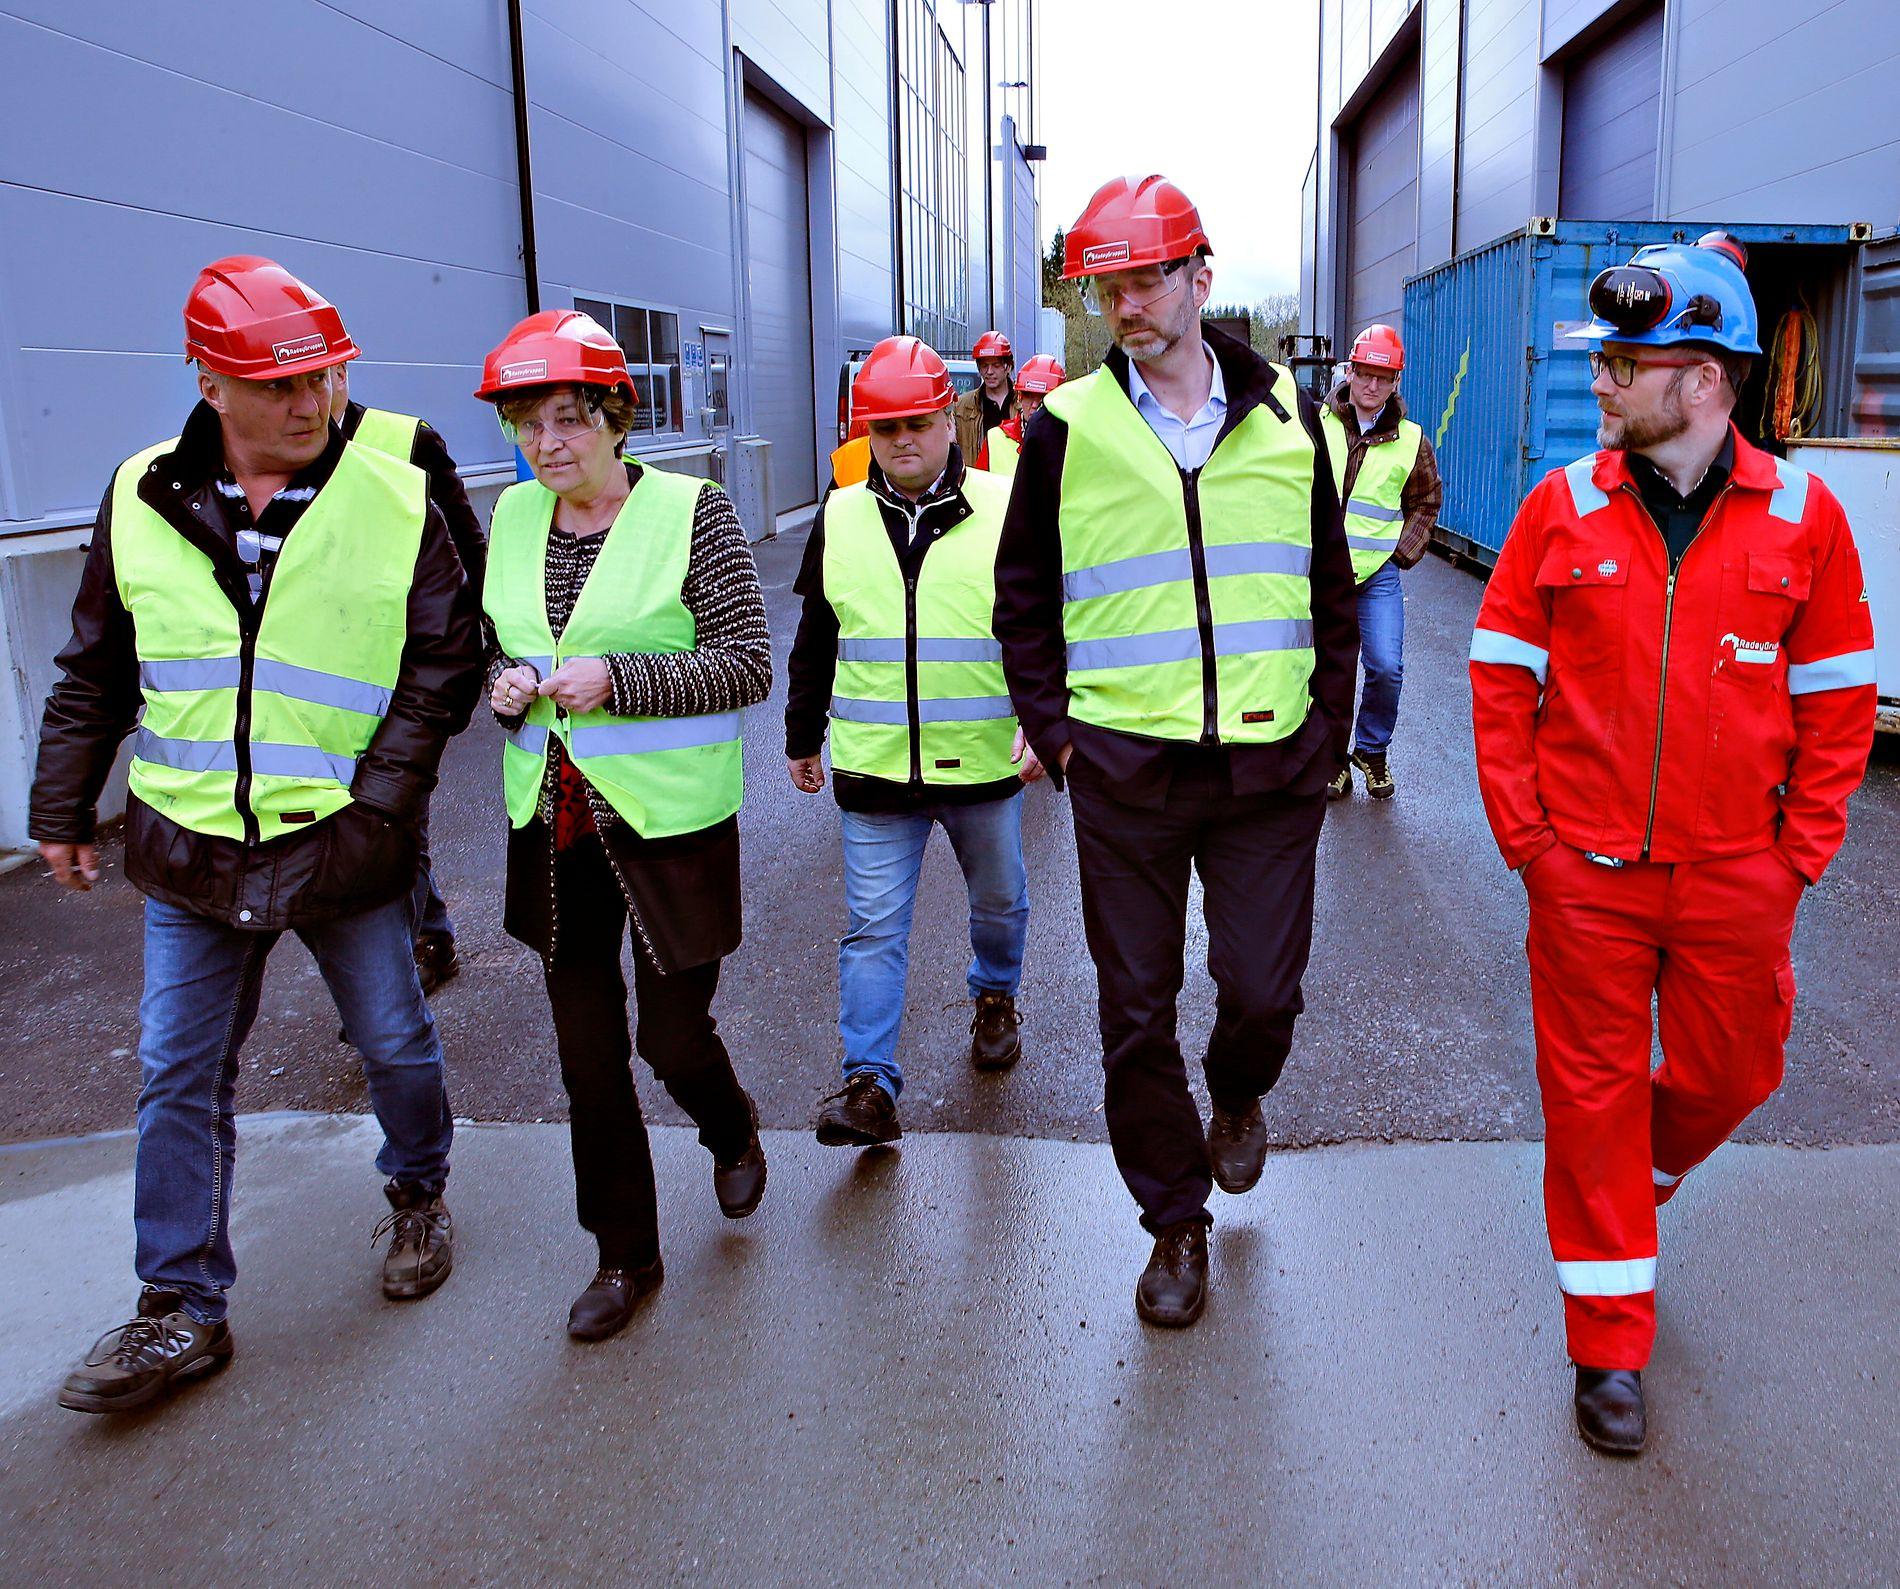 SENTRAL: Roar Abrahamsen helt til venstre, sammen med daværende LO-leder Gerd Kristiansen, Fellesforbund-sjef Jørn Eggum (i midten), Trond Giske og bedriftsleder Lasse STåløy under et besøk hos Radøygruppen i 2015.